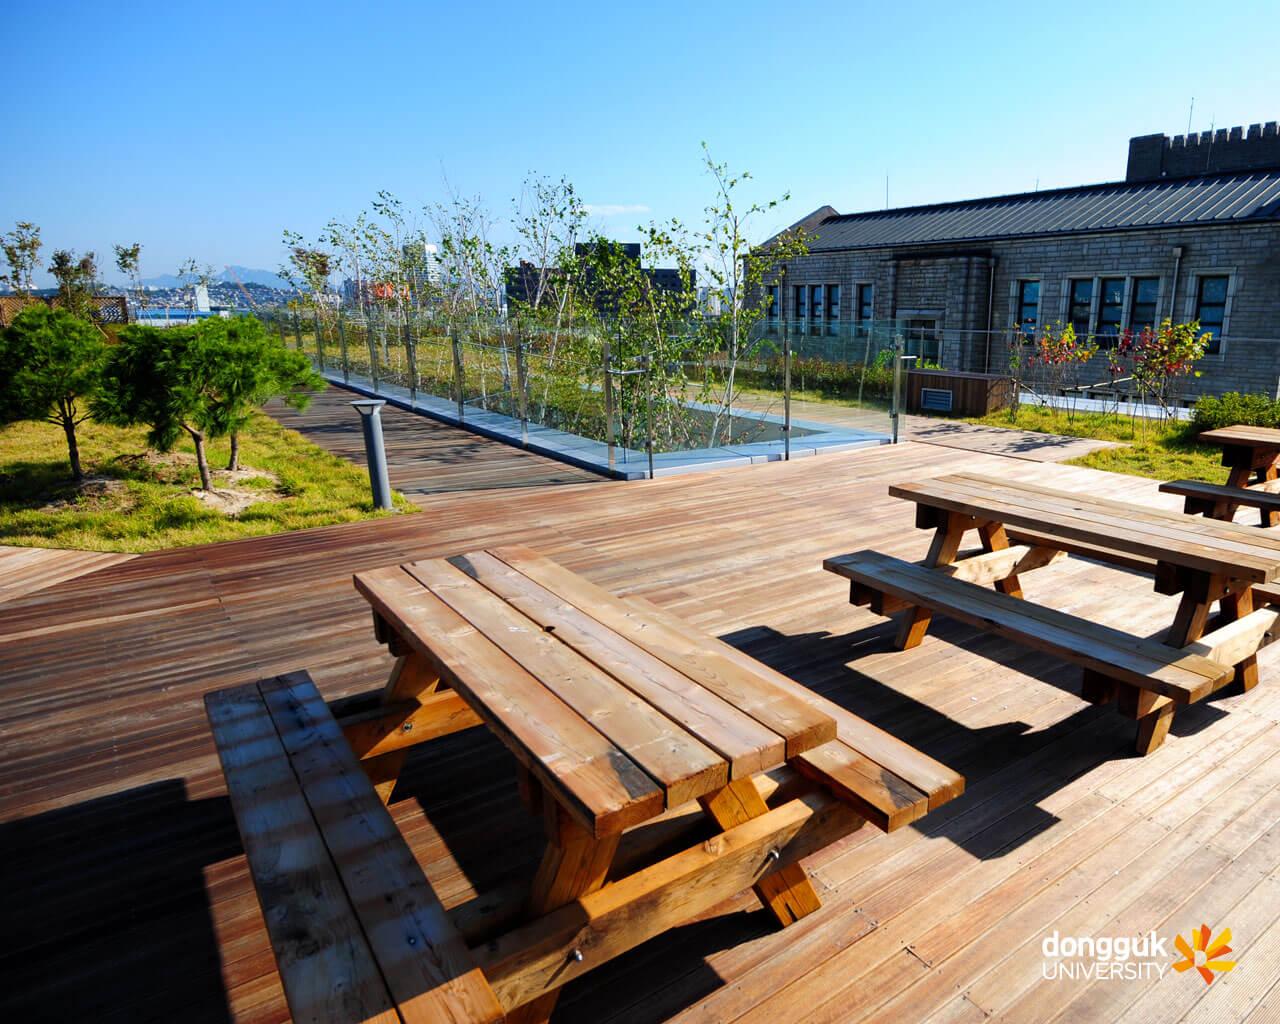 Thông tin về văn phòng Quốc tế trường đại học Dongguk Hàn Quốc